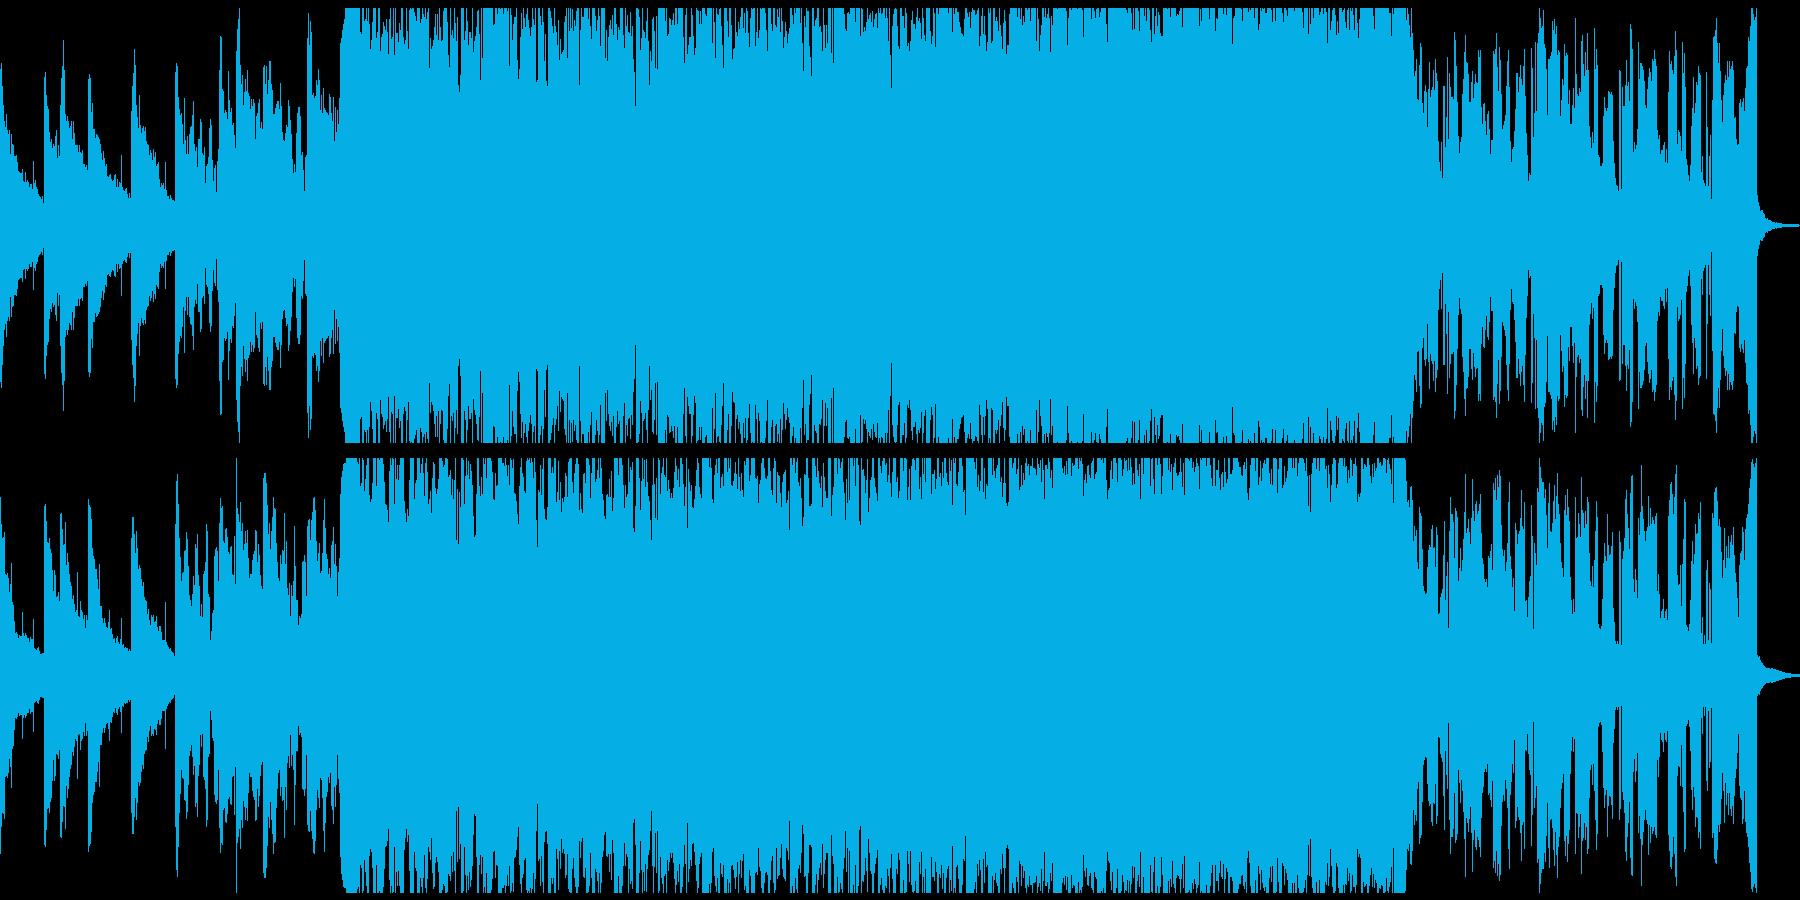 今っぽい洋楽風おしゃれトラップBGMの再生済みの波形